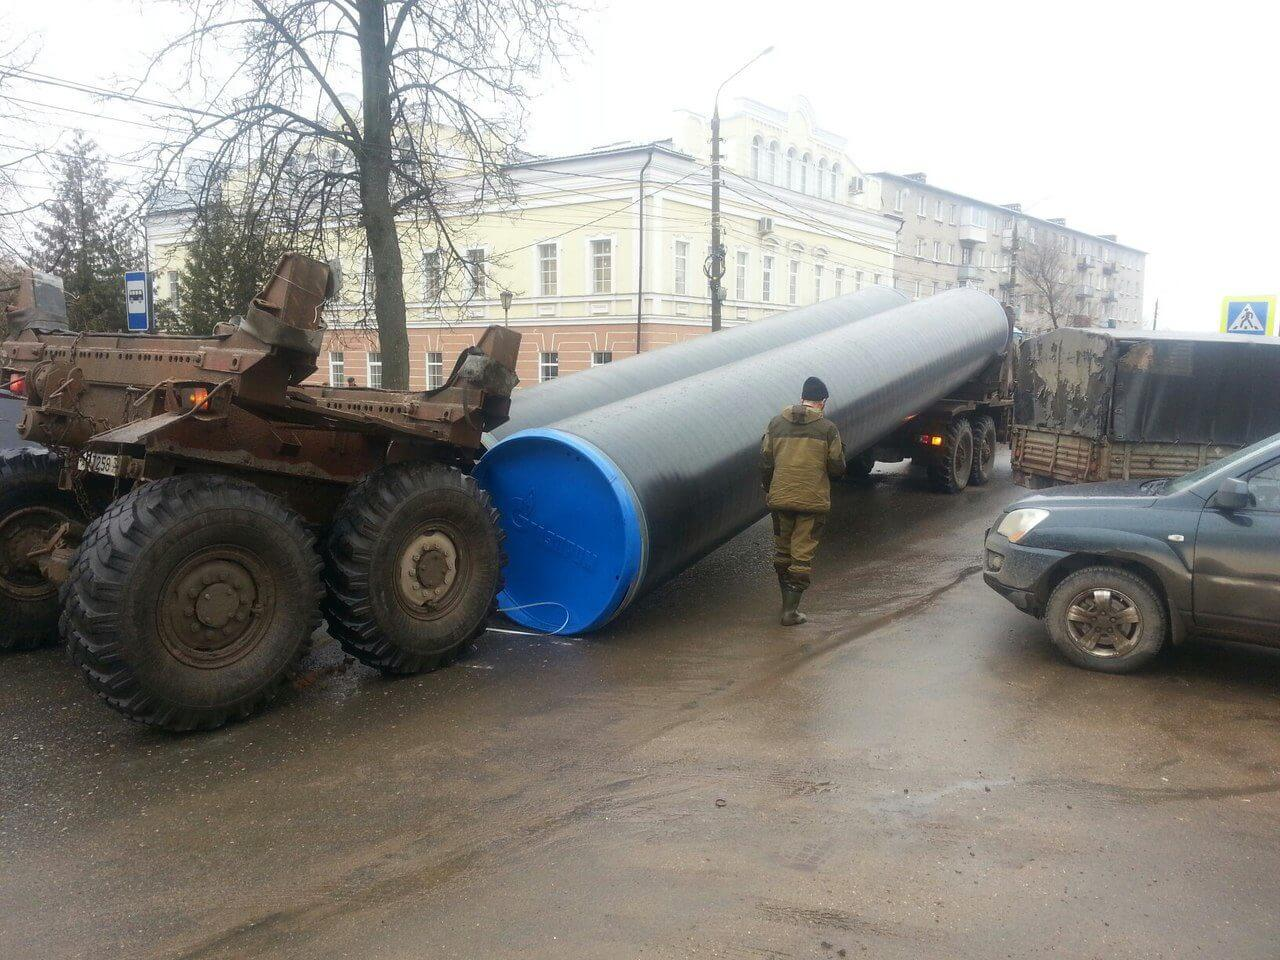 В Торжке с тяжеловоза упали огромные газовые трубы